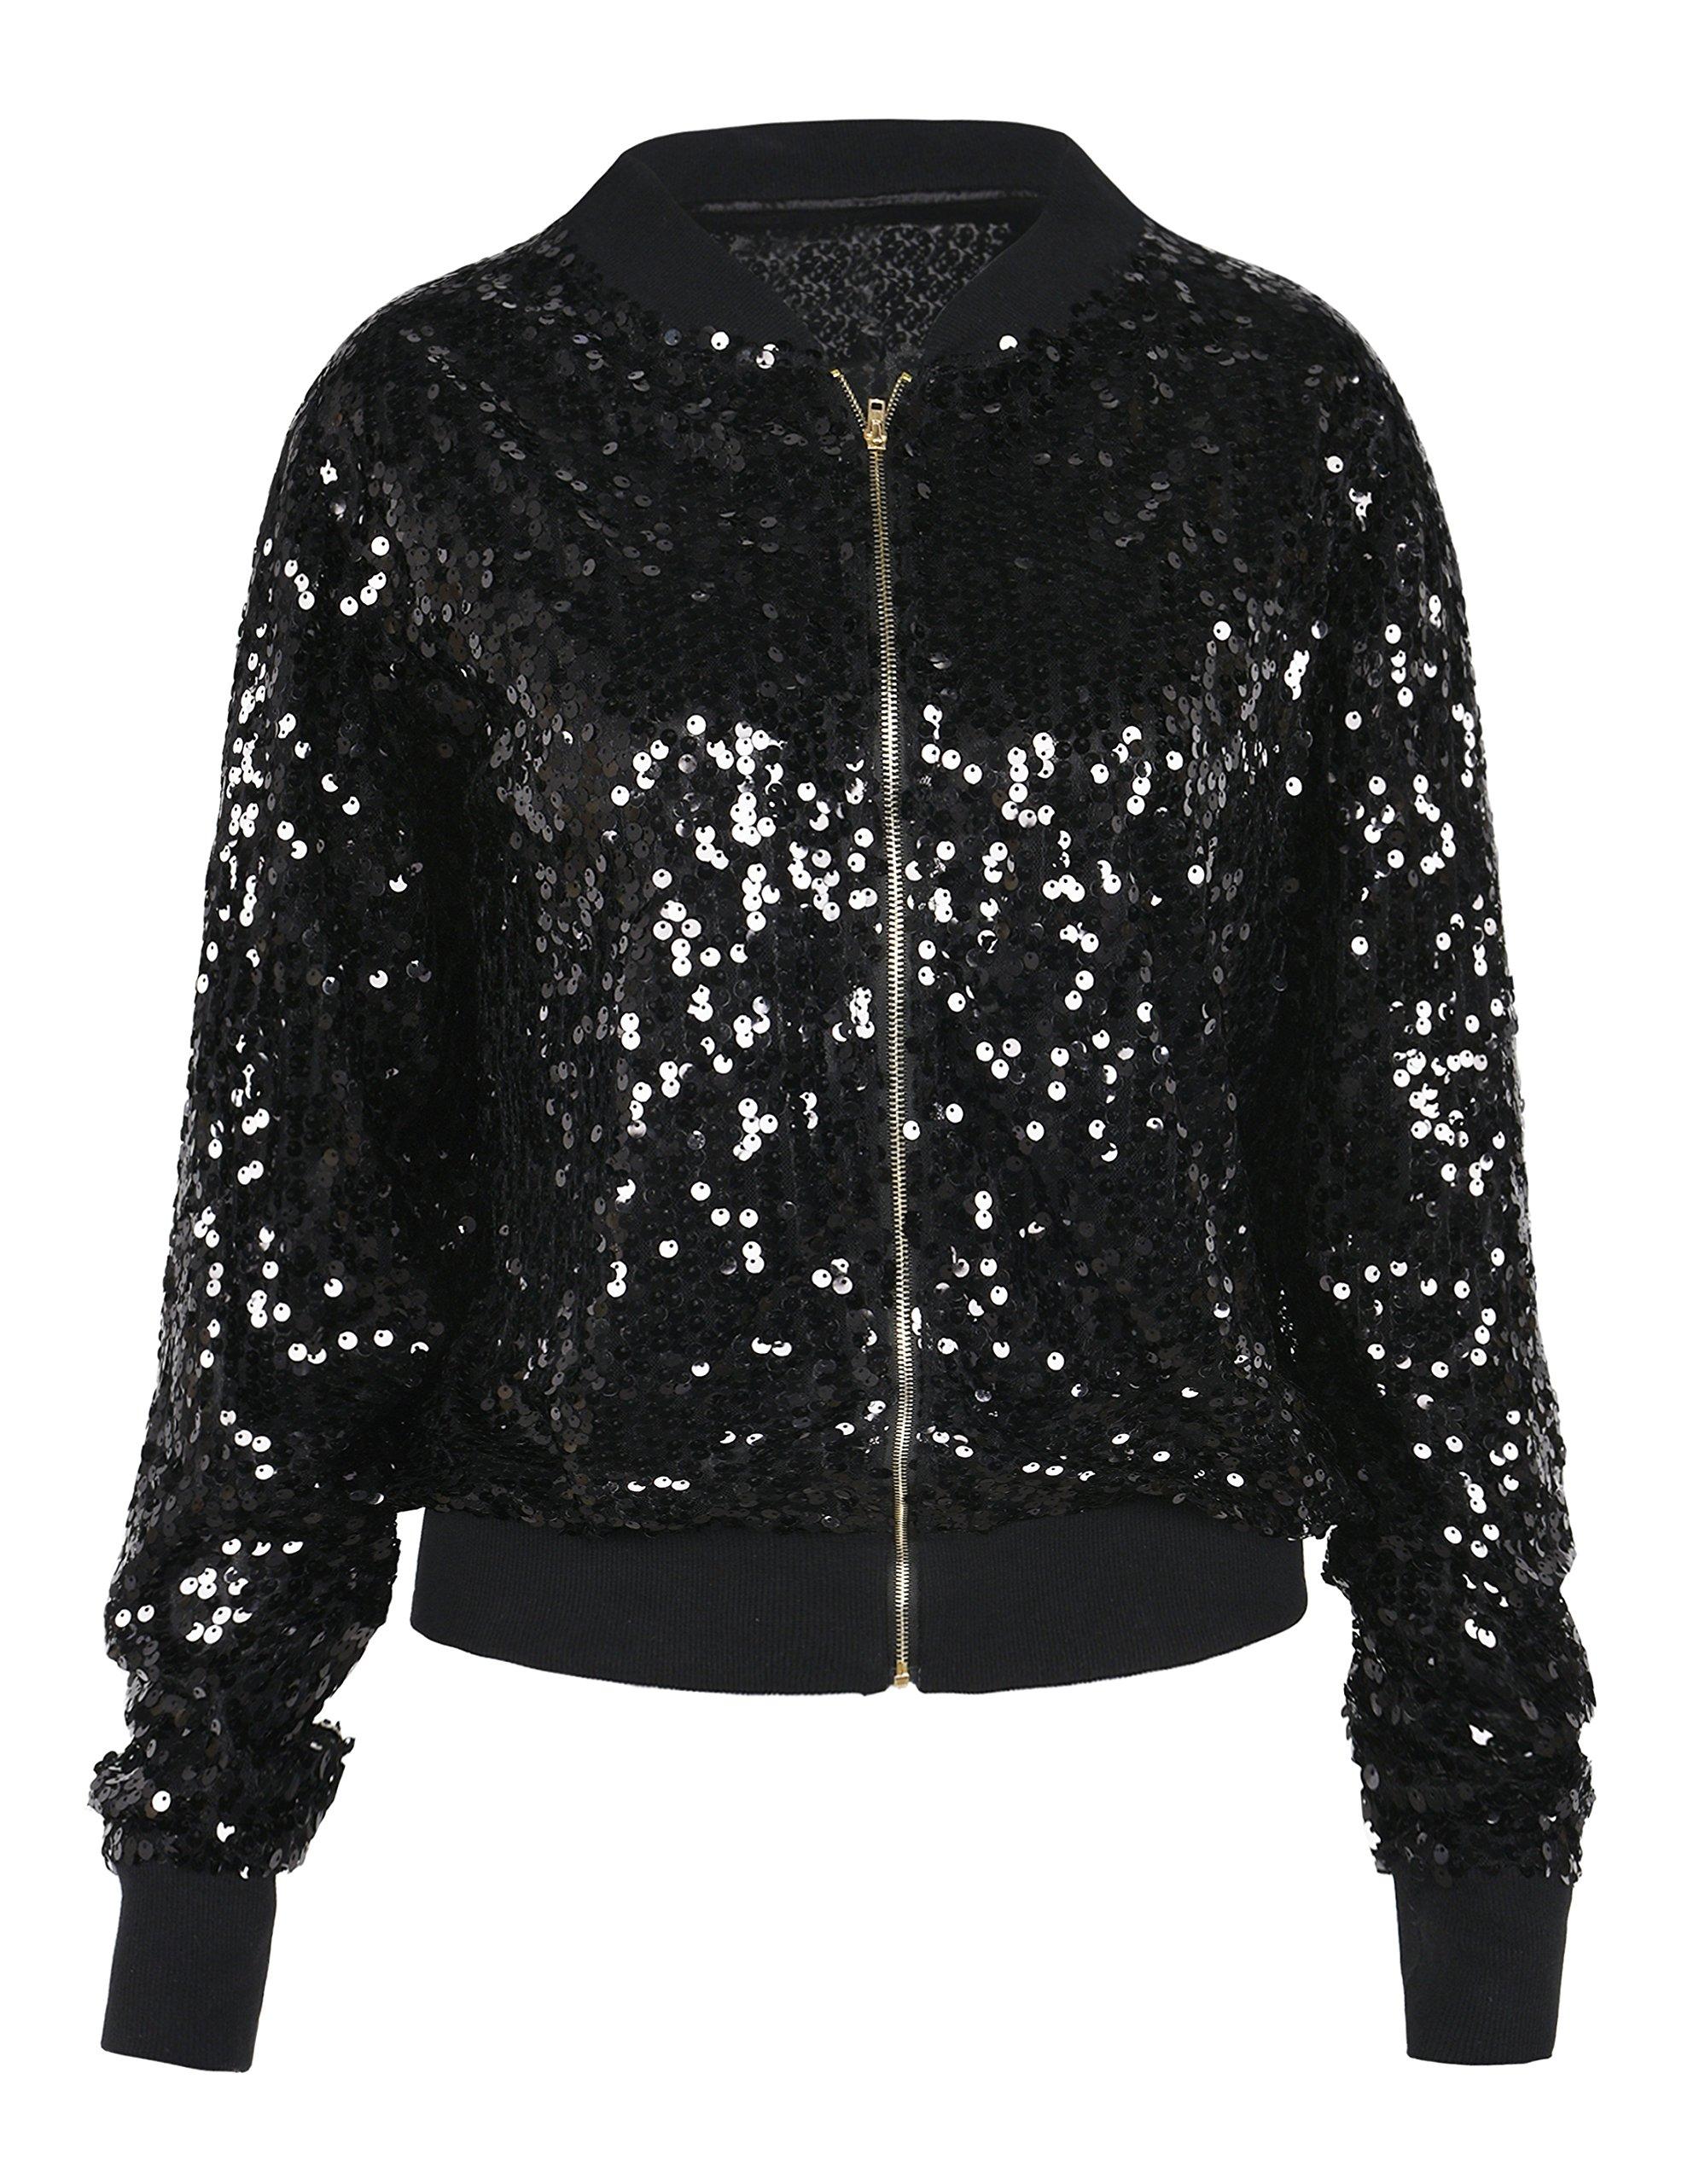 PrettyGuide Women's Sequin Jacket Glitter Long Sleeve Zipper up Sport Coat M/4-6 Black by PrettyGuide